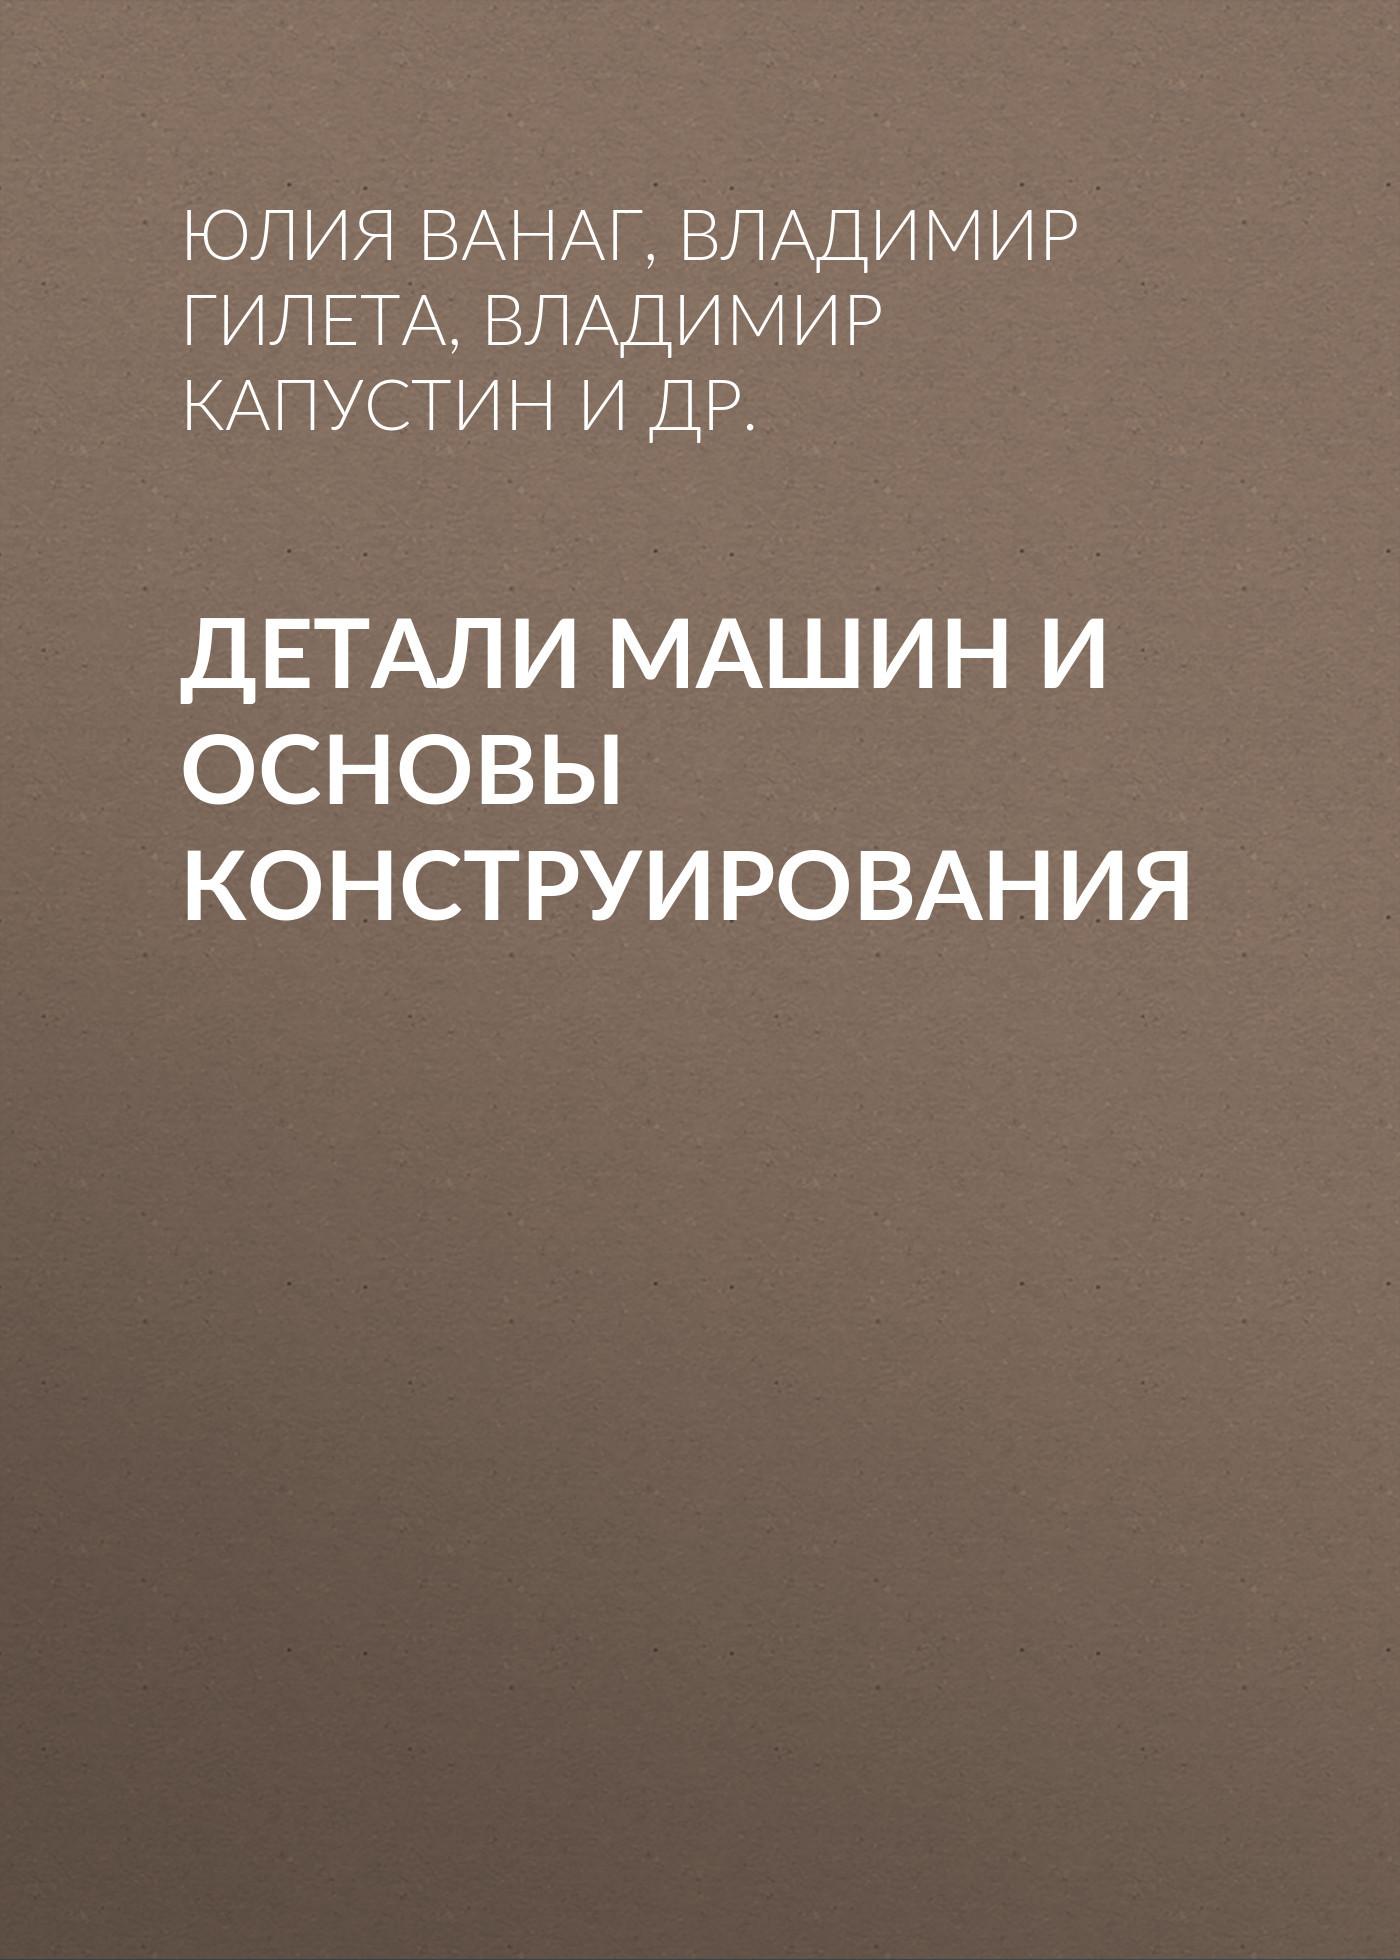 Владимир Капустин Детали машин и основы конструирования детали для печатных машин a004980 noritsu c qss 30 31 32 33 34 35 37 39